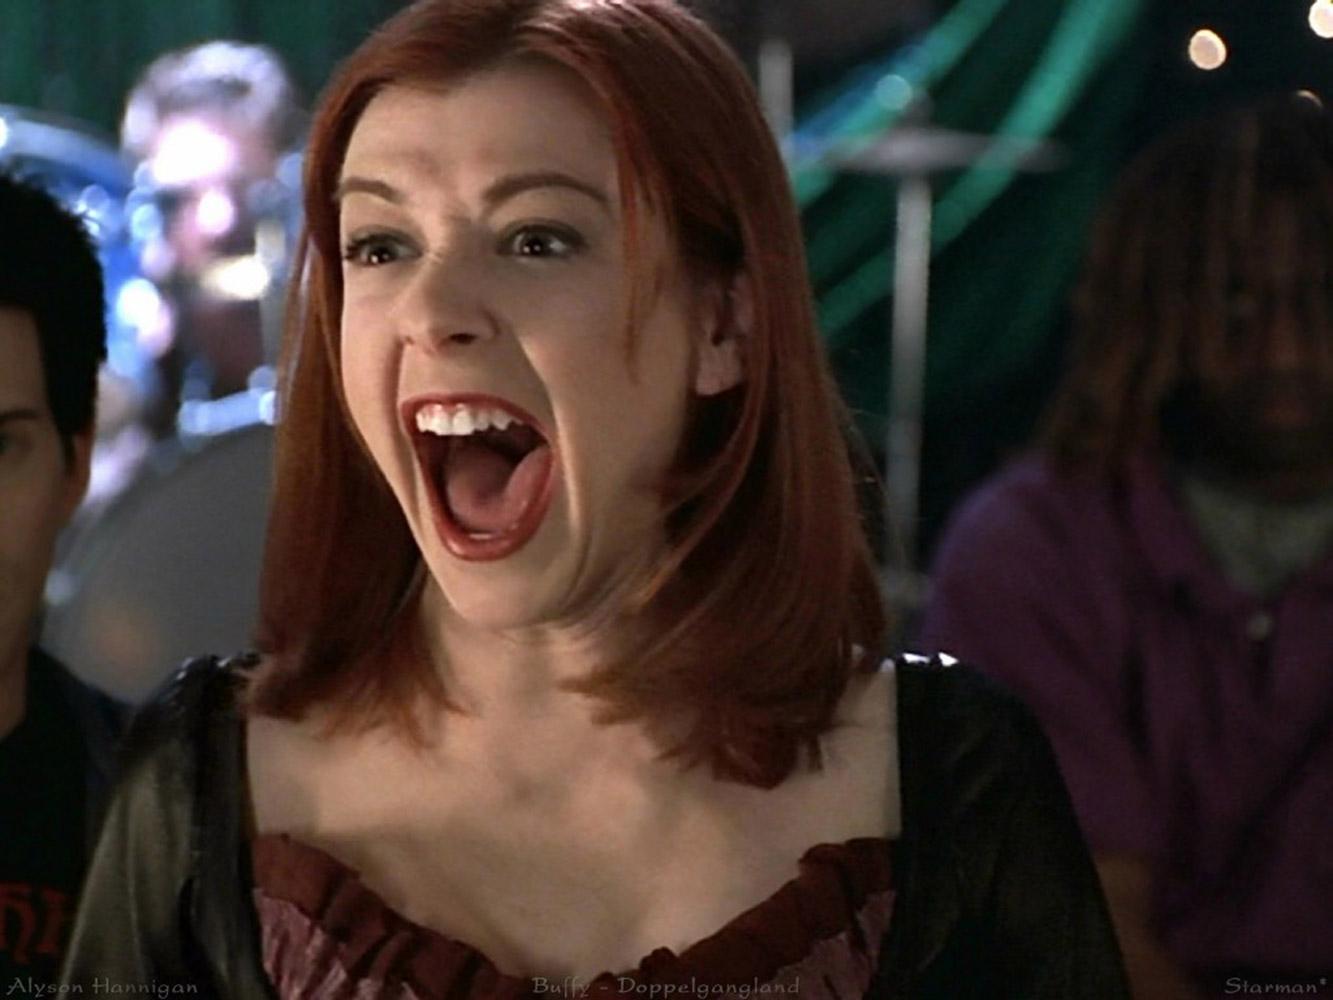 ווילו המכשפה מזדהה איתה אין מחכשפות רעות באפי וילדה לקוית למידה